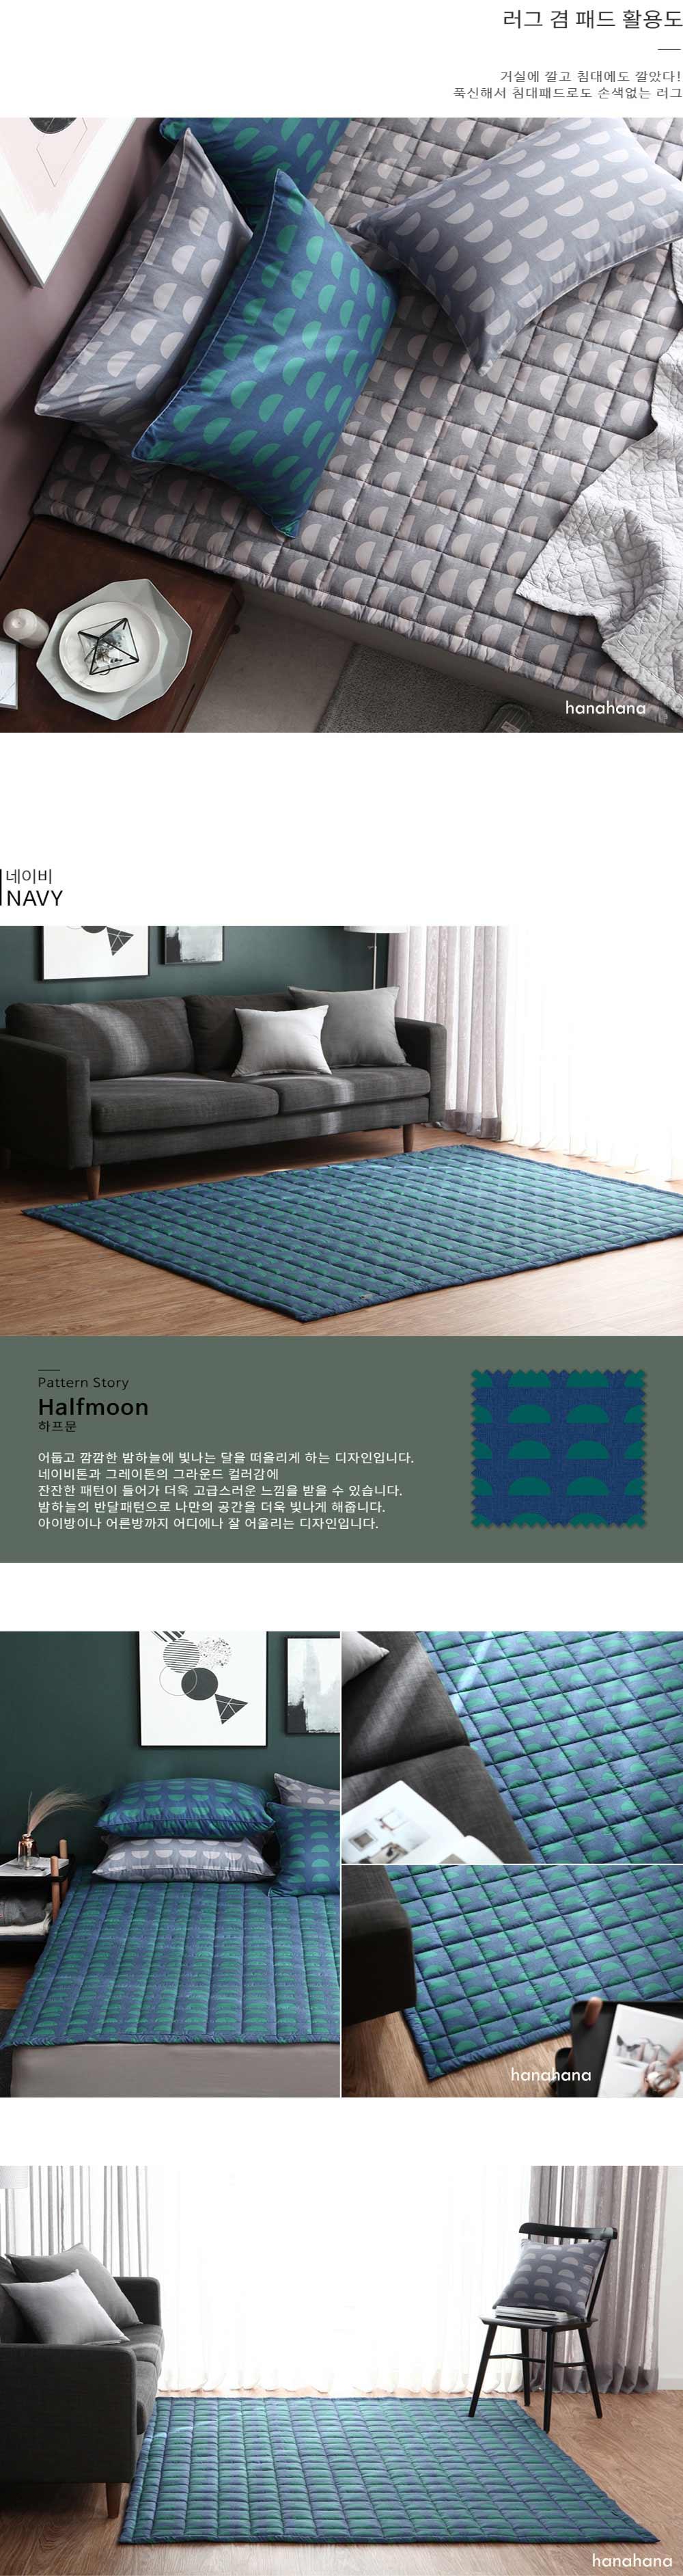 Tấm trải sàn ngủ chống đau lưng